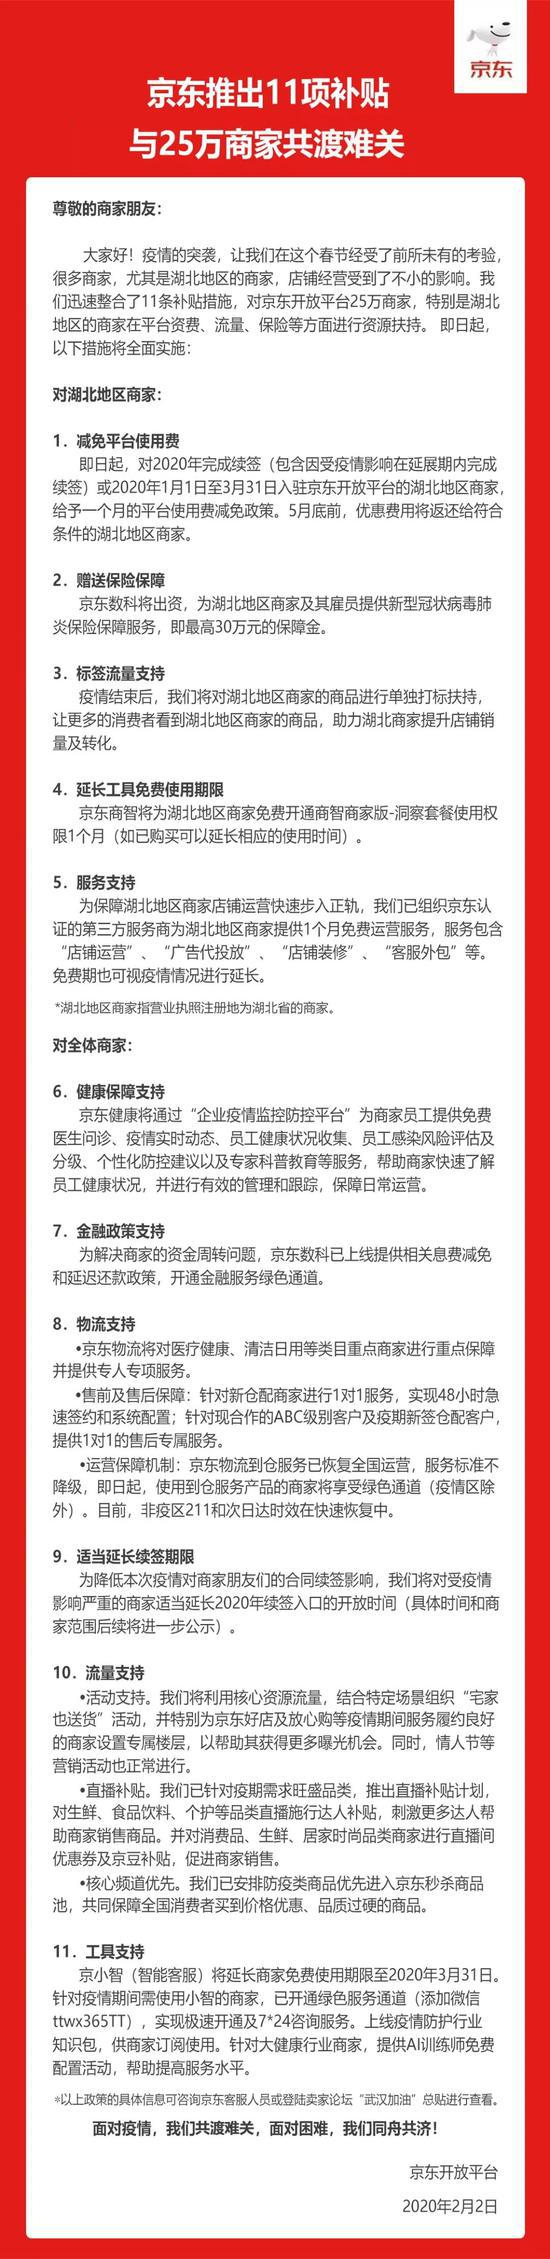 京东面向平台25万商家推出11项补贴支持措施